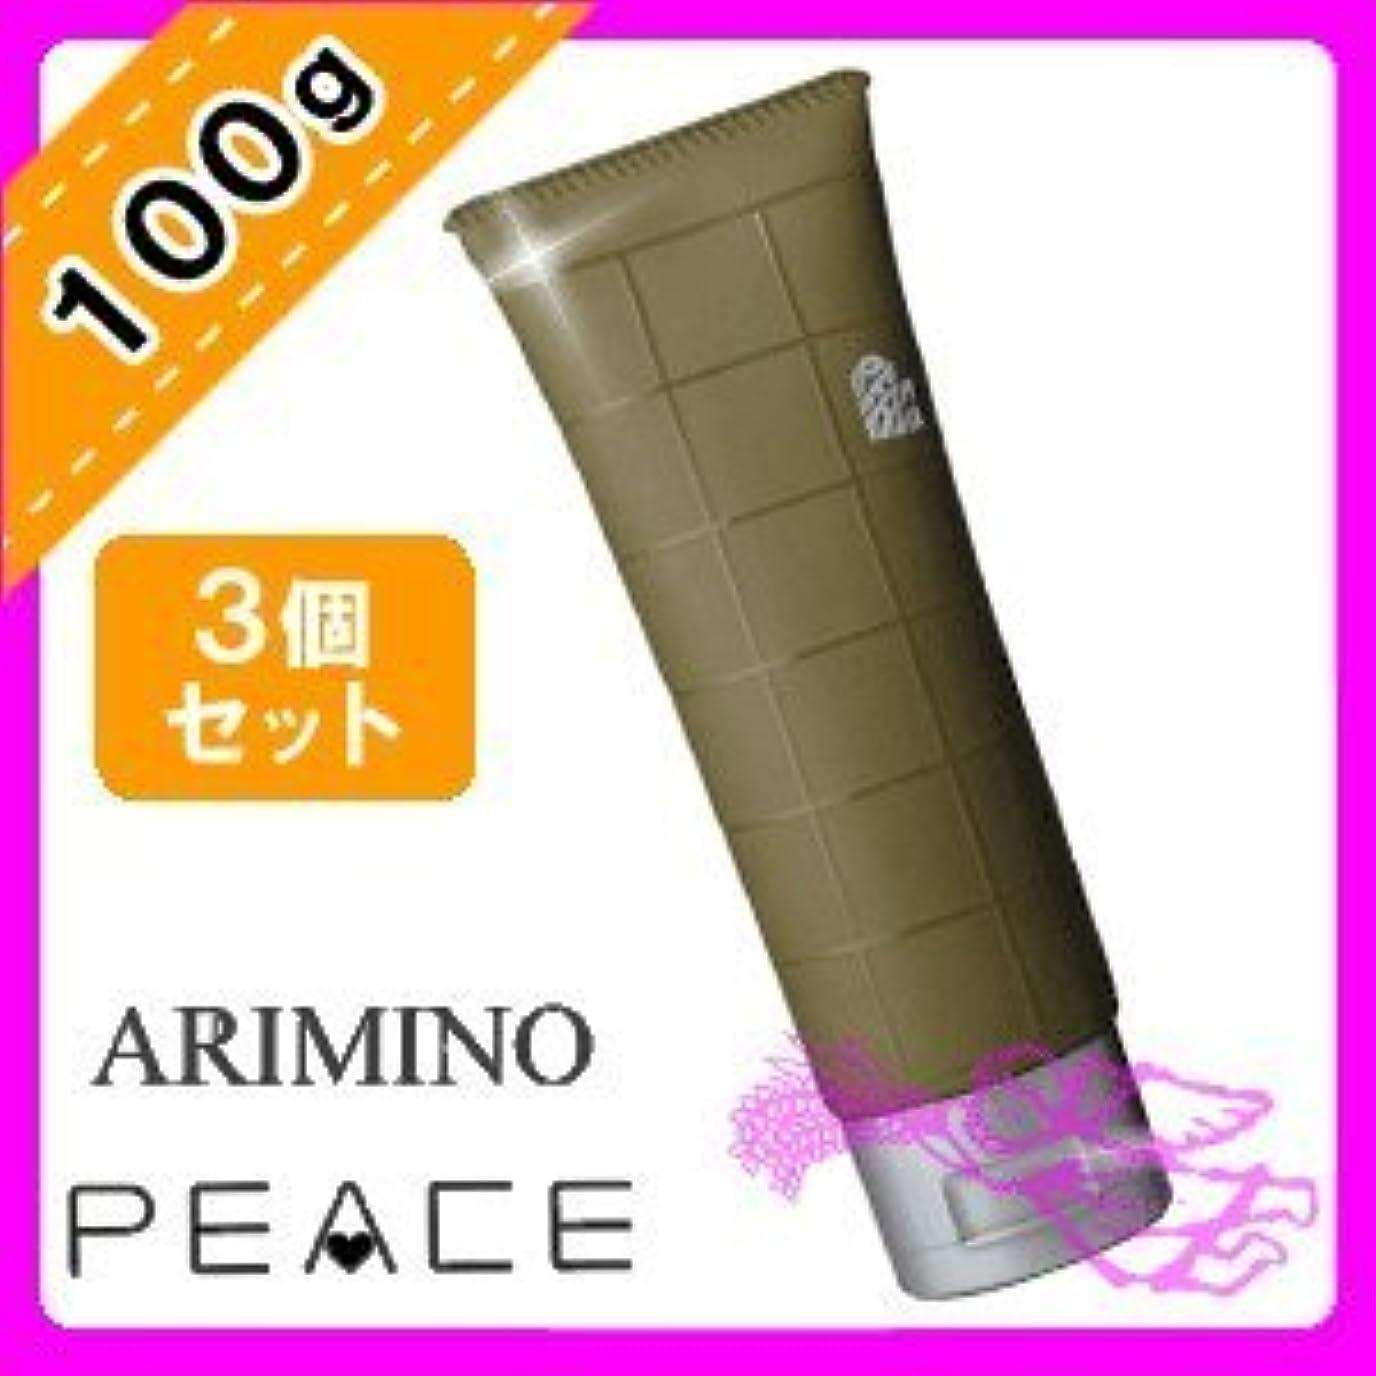 ラケットグラマーラフ睡眠アリミノ ピース ウェットオイル ワックス 100g ×3個セット arimino PEACE